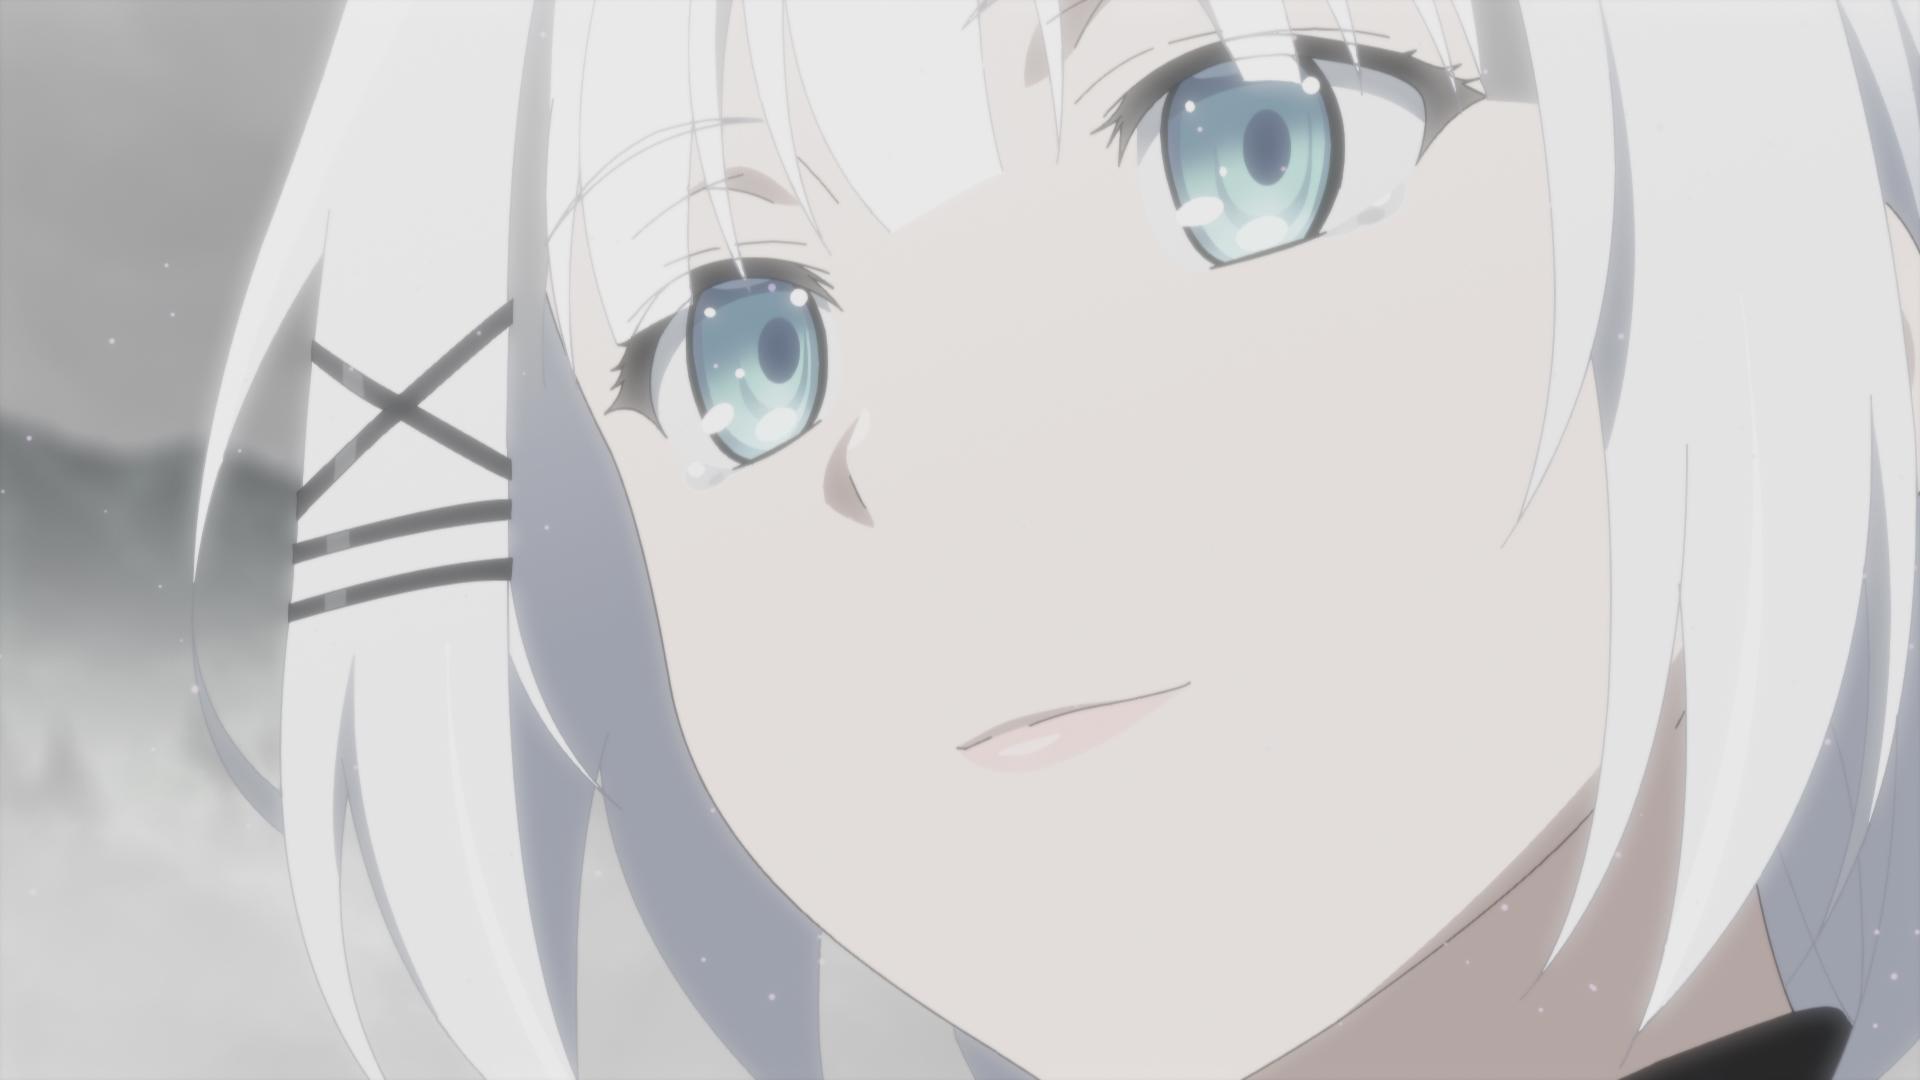 """Captura de tela do episódio 11 de """"The Detective is Already Dead"""", mostrando Siesta"""